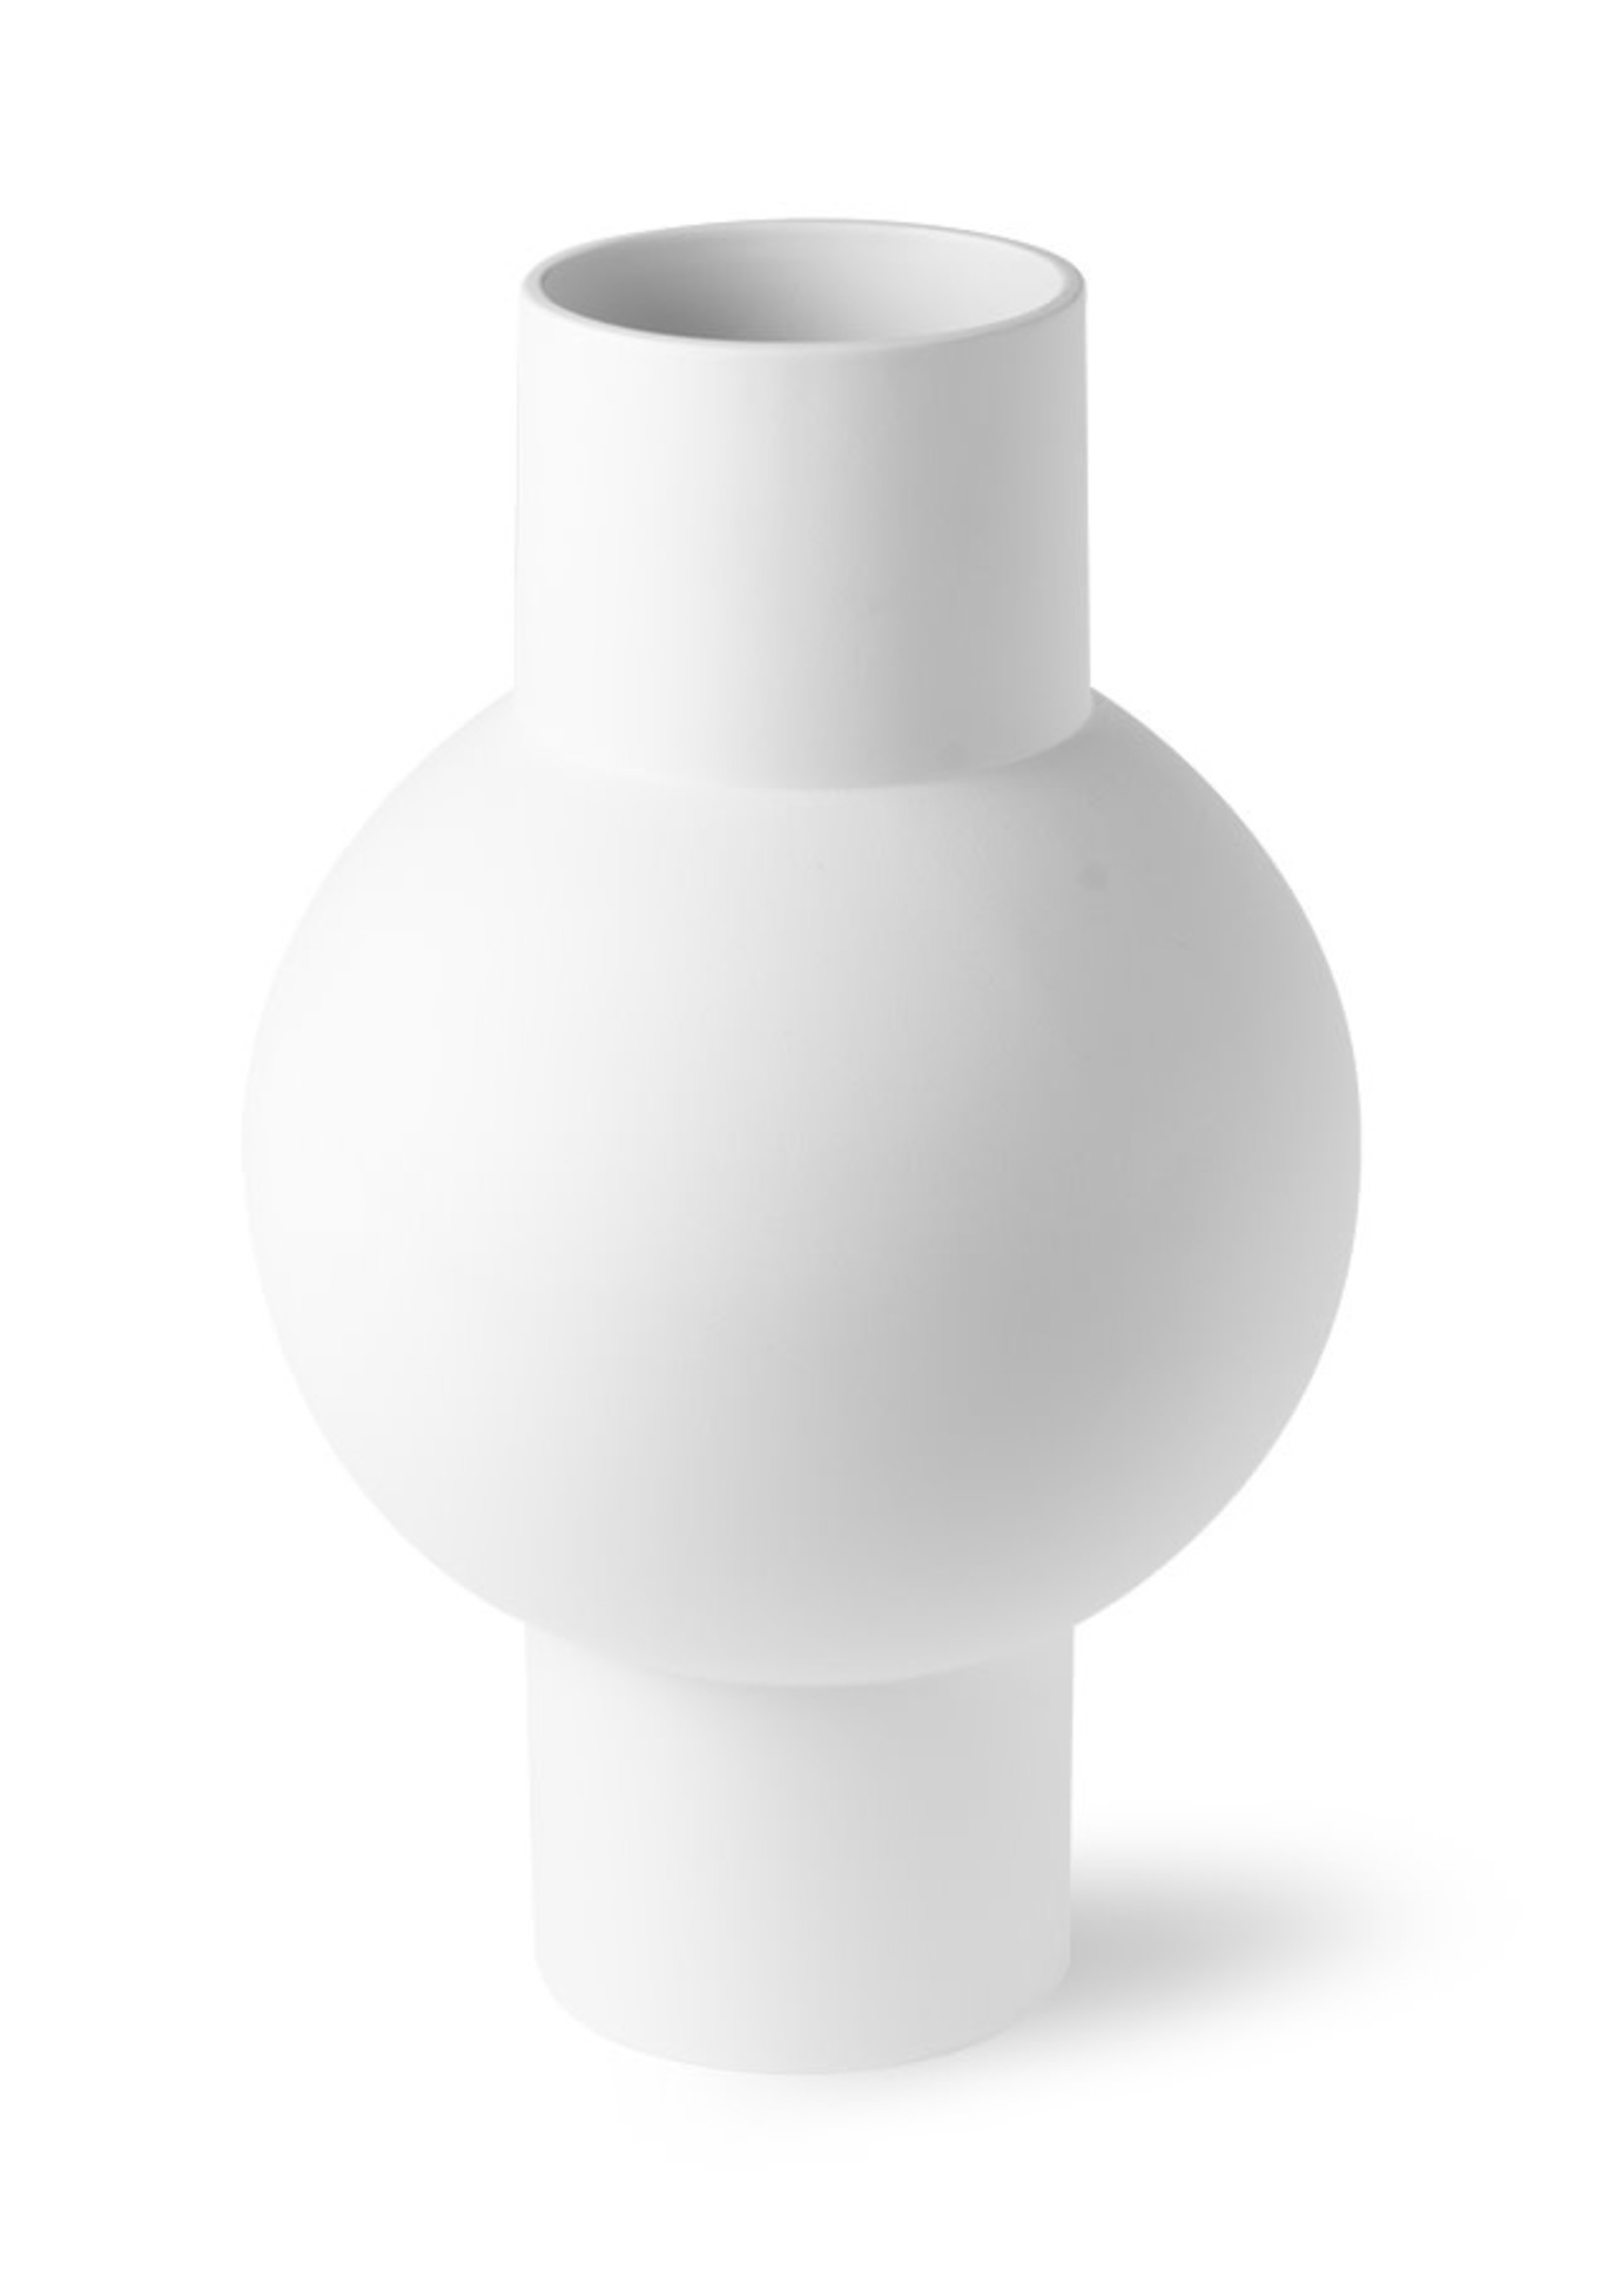 HKliving Matt white vase